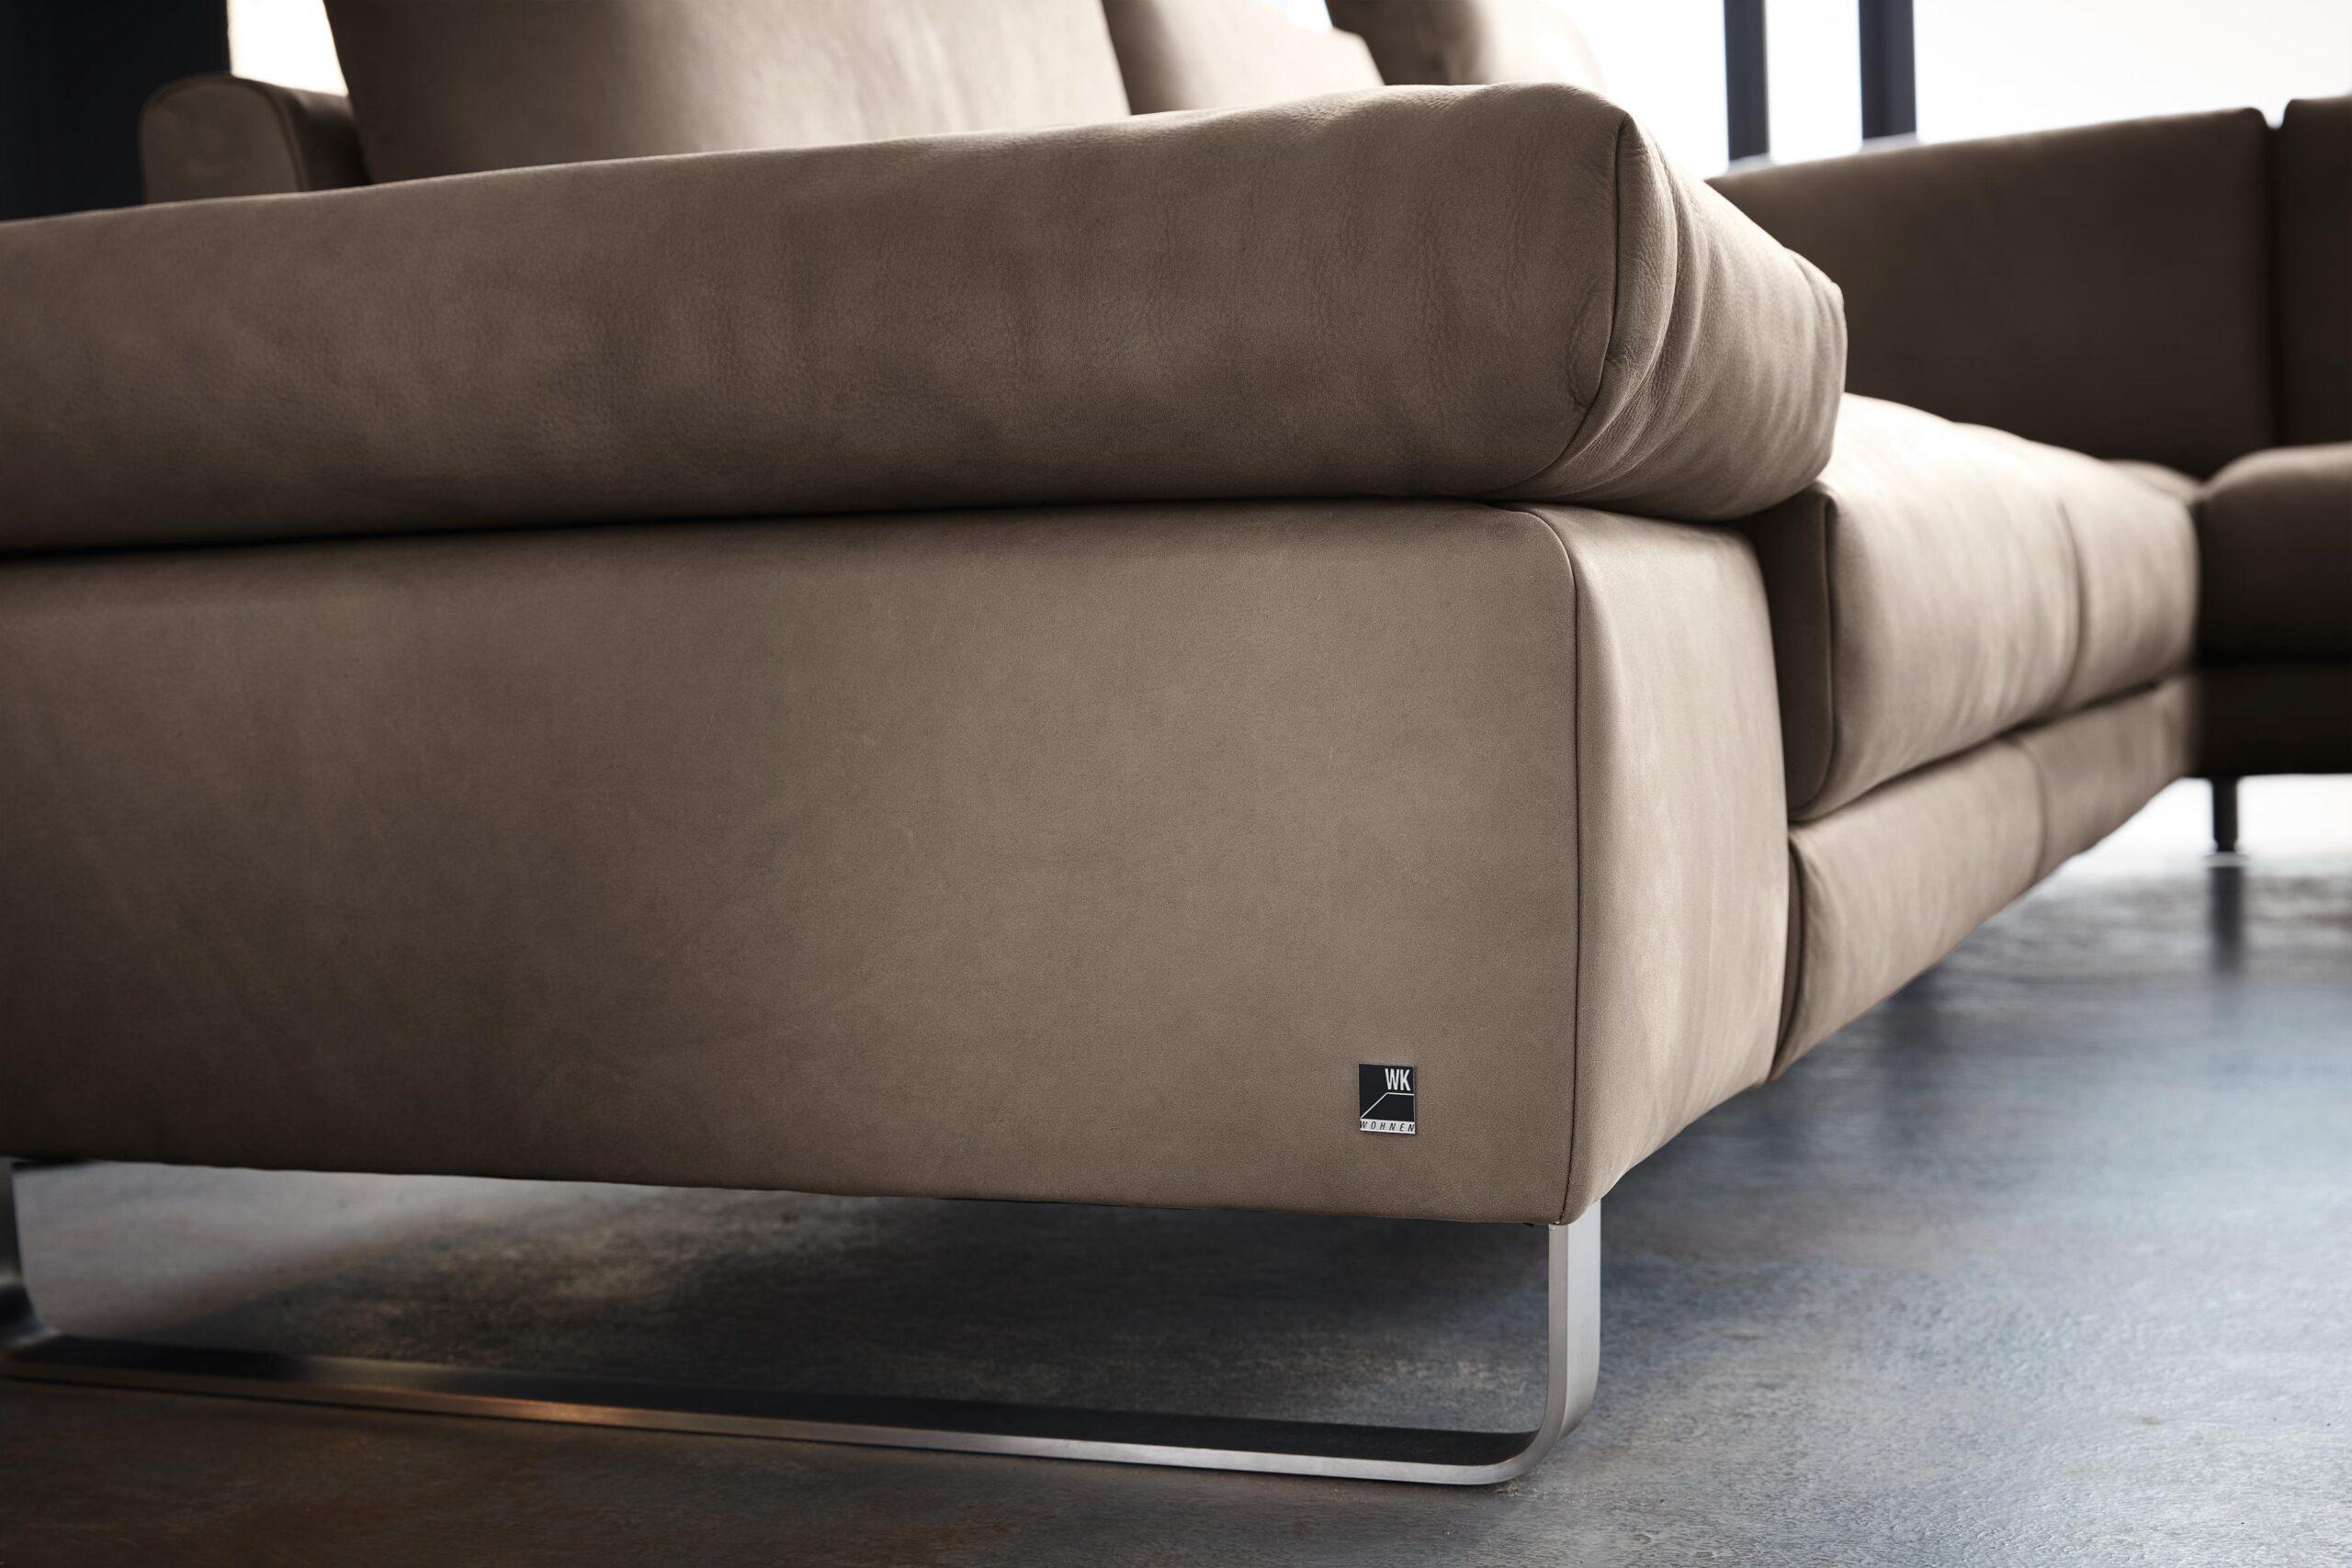 Full Size of Wk Sofa 584 Otis Wohnen Leder In L Form Machalke Leinen Big Mit Hocker Polyrattan Schlaffunktion Großes Barock Günstig Kaufen Sofa Wk Sofa